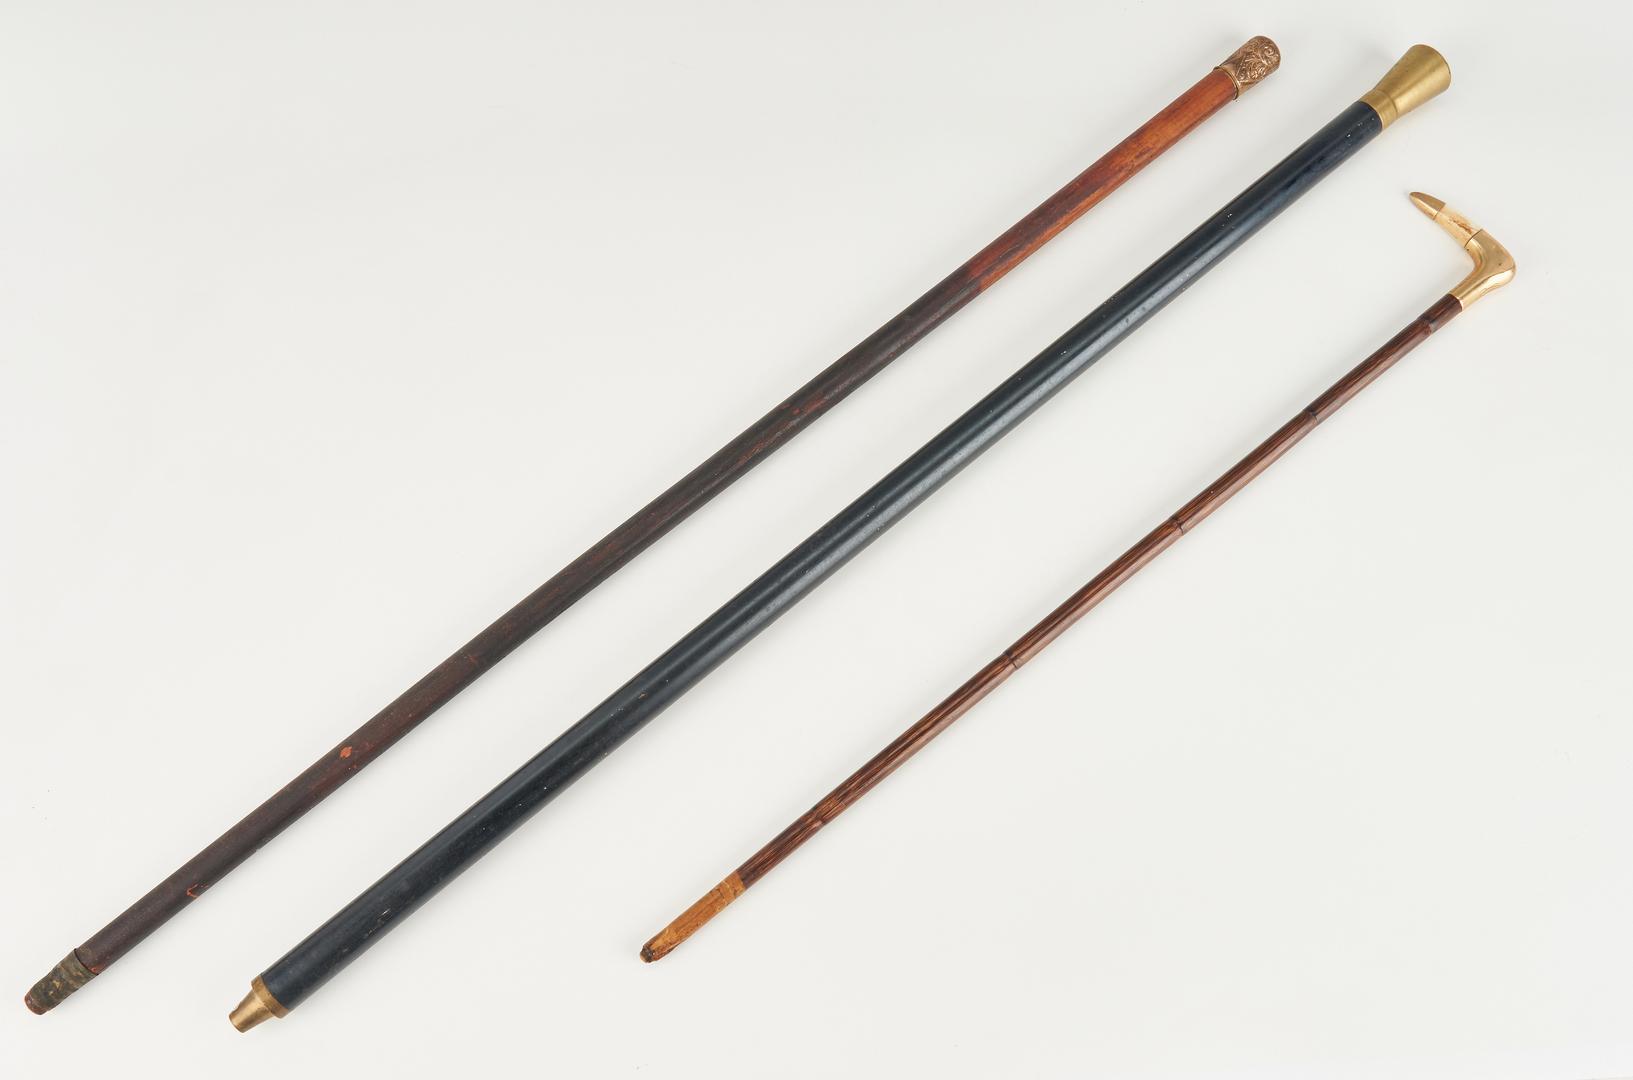 Lot 450: 3 Vintage Exercise Pins & 3 Walking Sticks